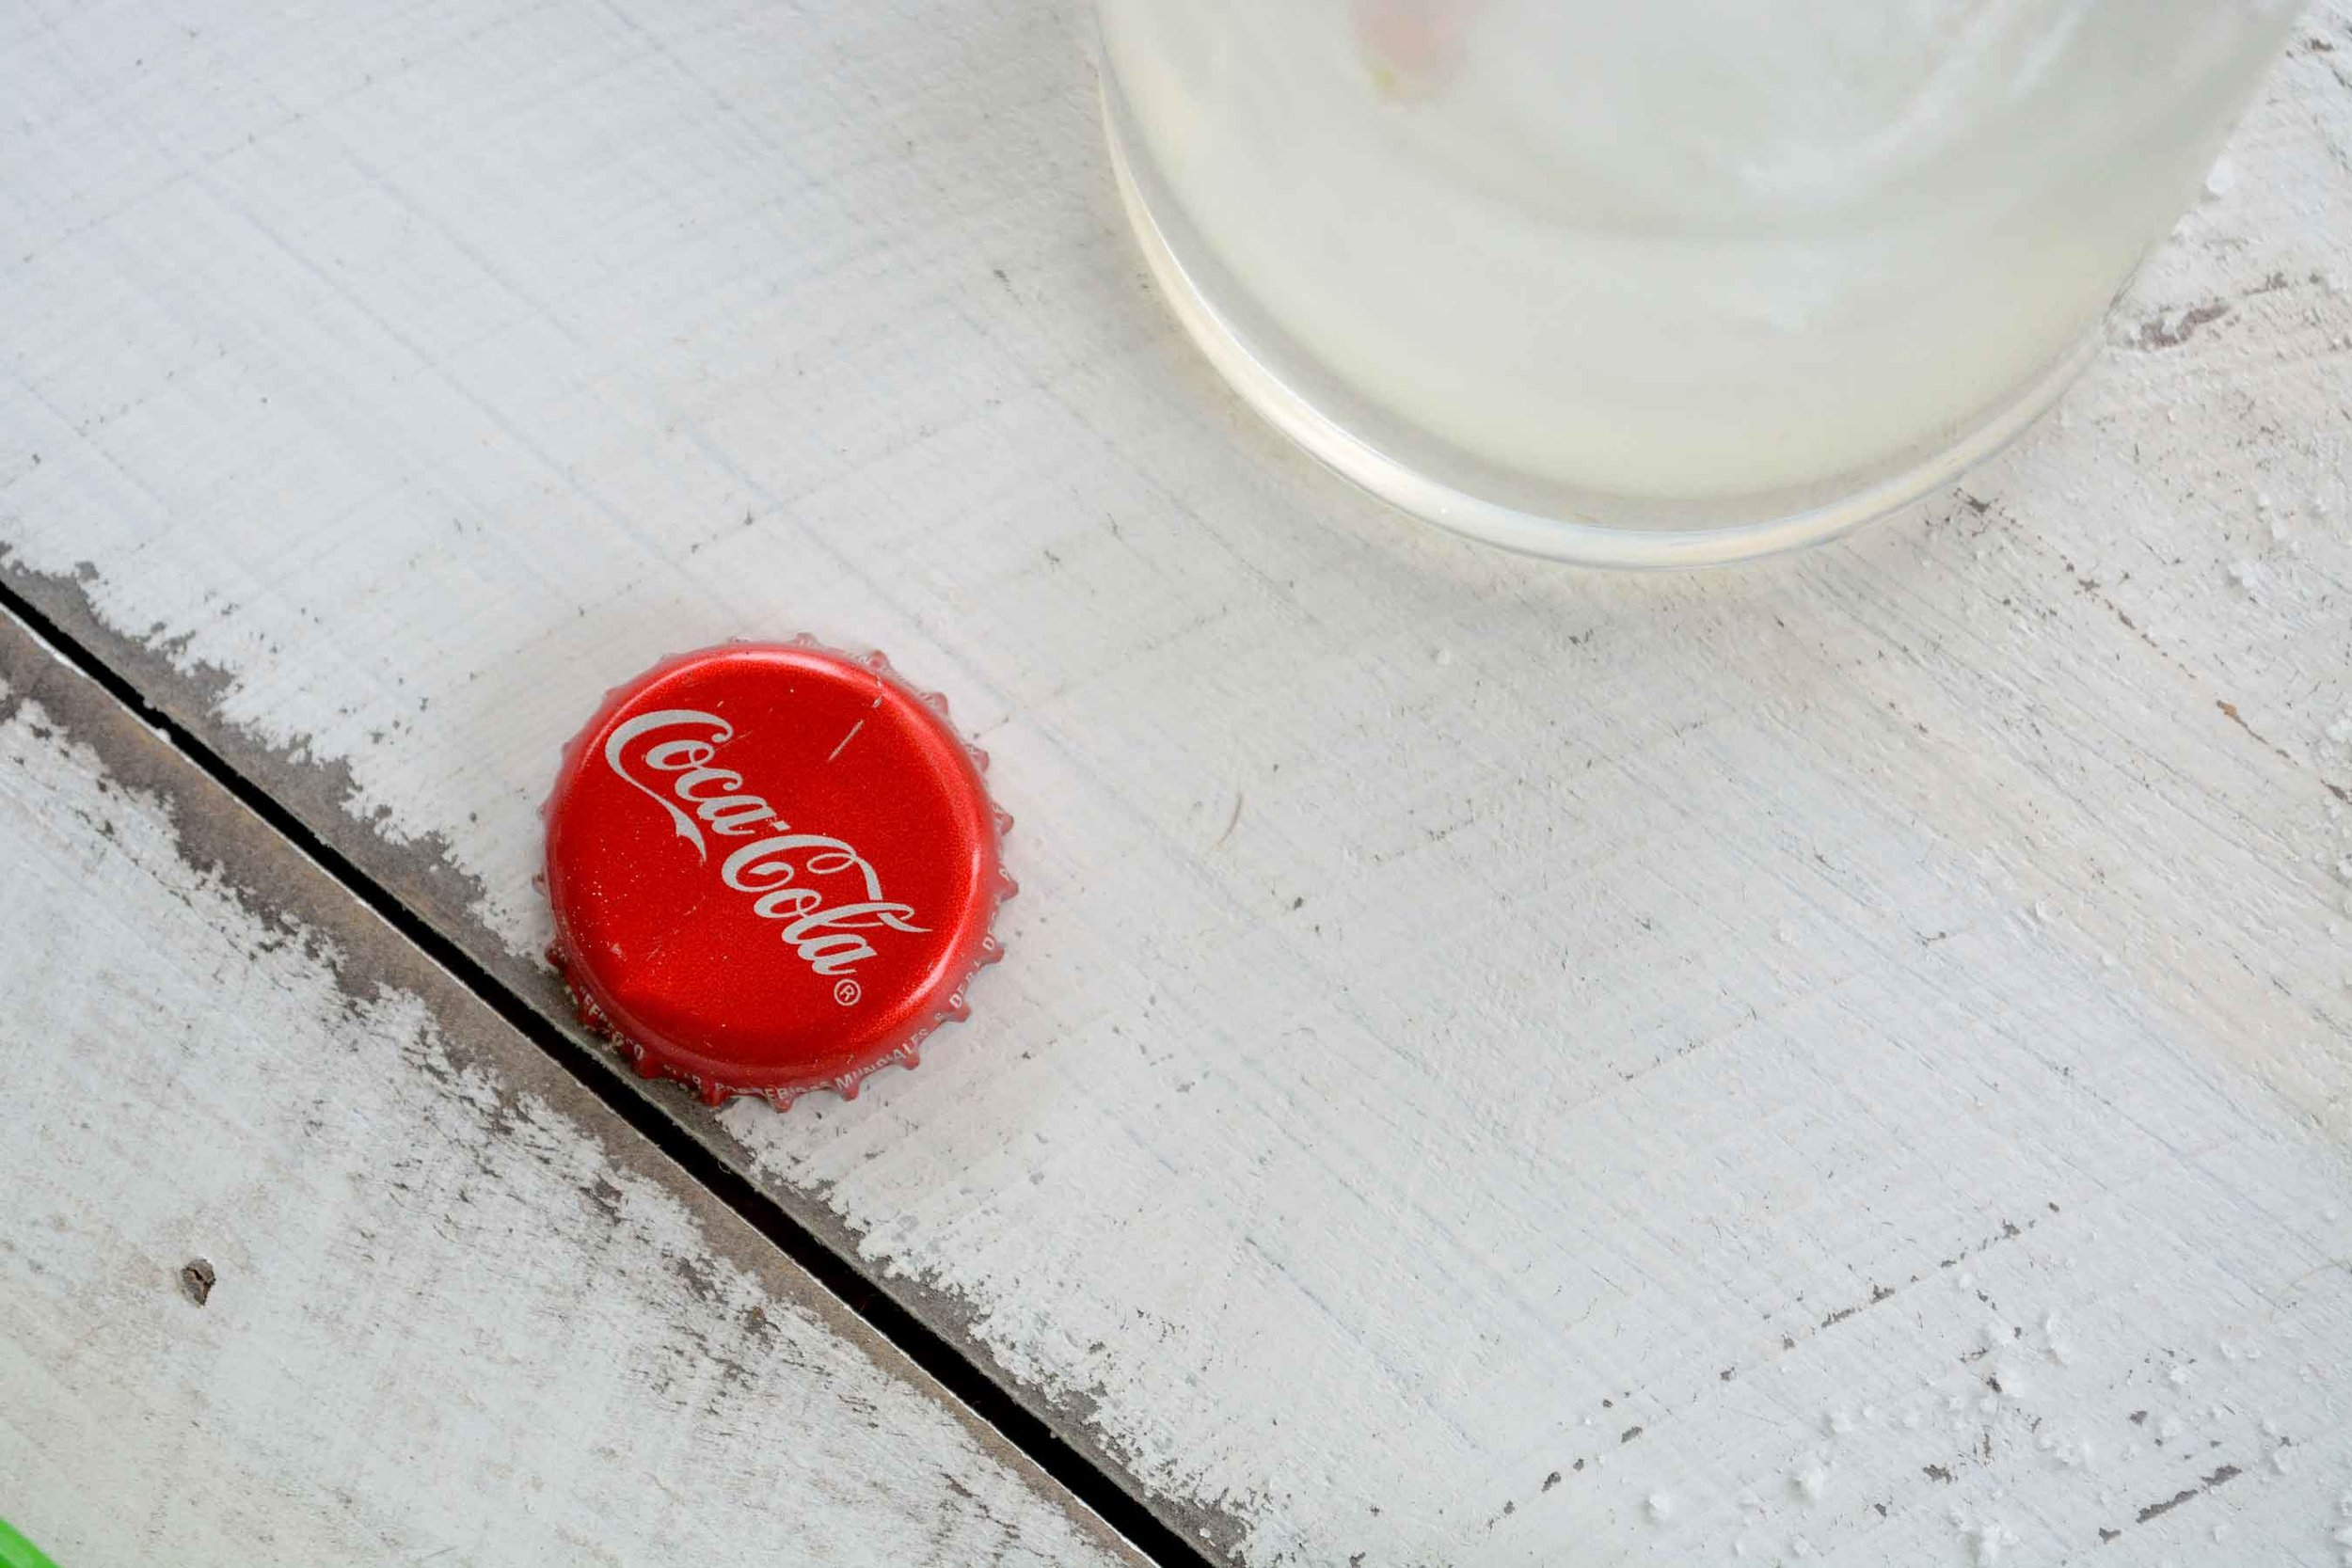 coca_cola_mexico_soda_tequila_abre_ojos.jpg